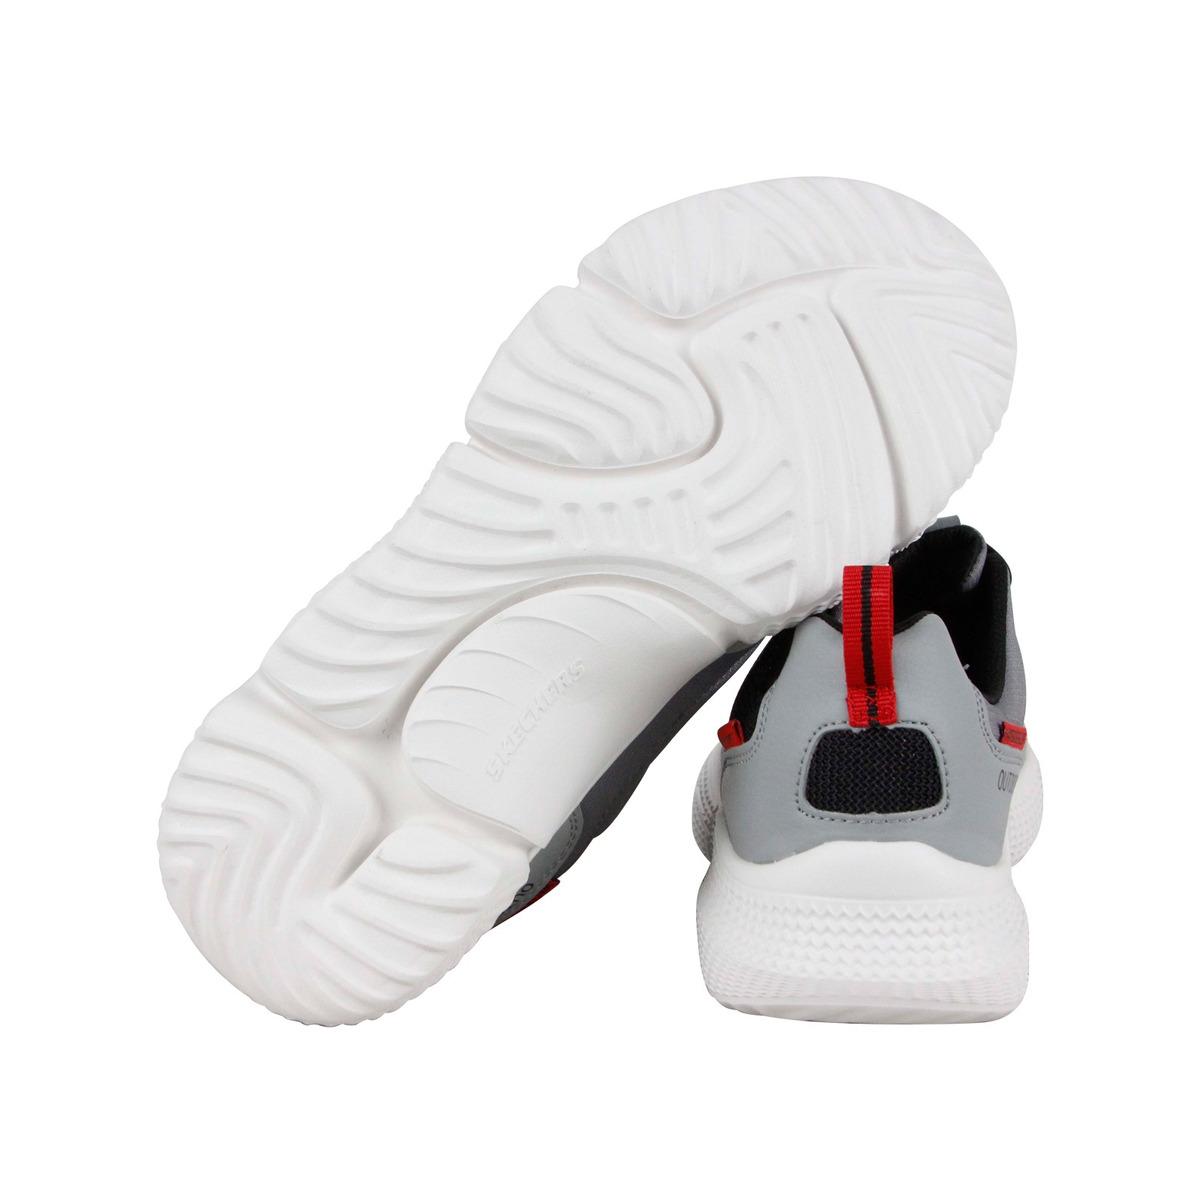 91 Libre Zapatos En Mercado Skechers848 Zubazz UMGSVzqp